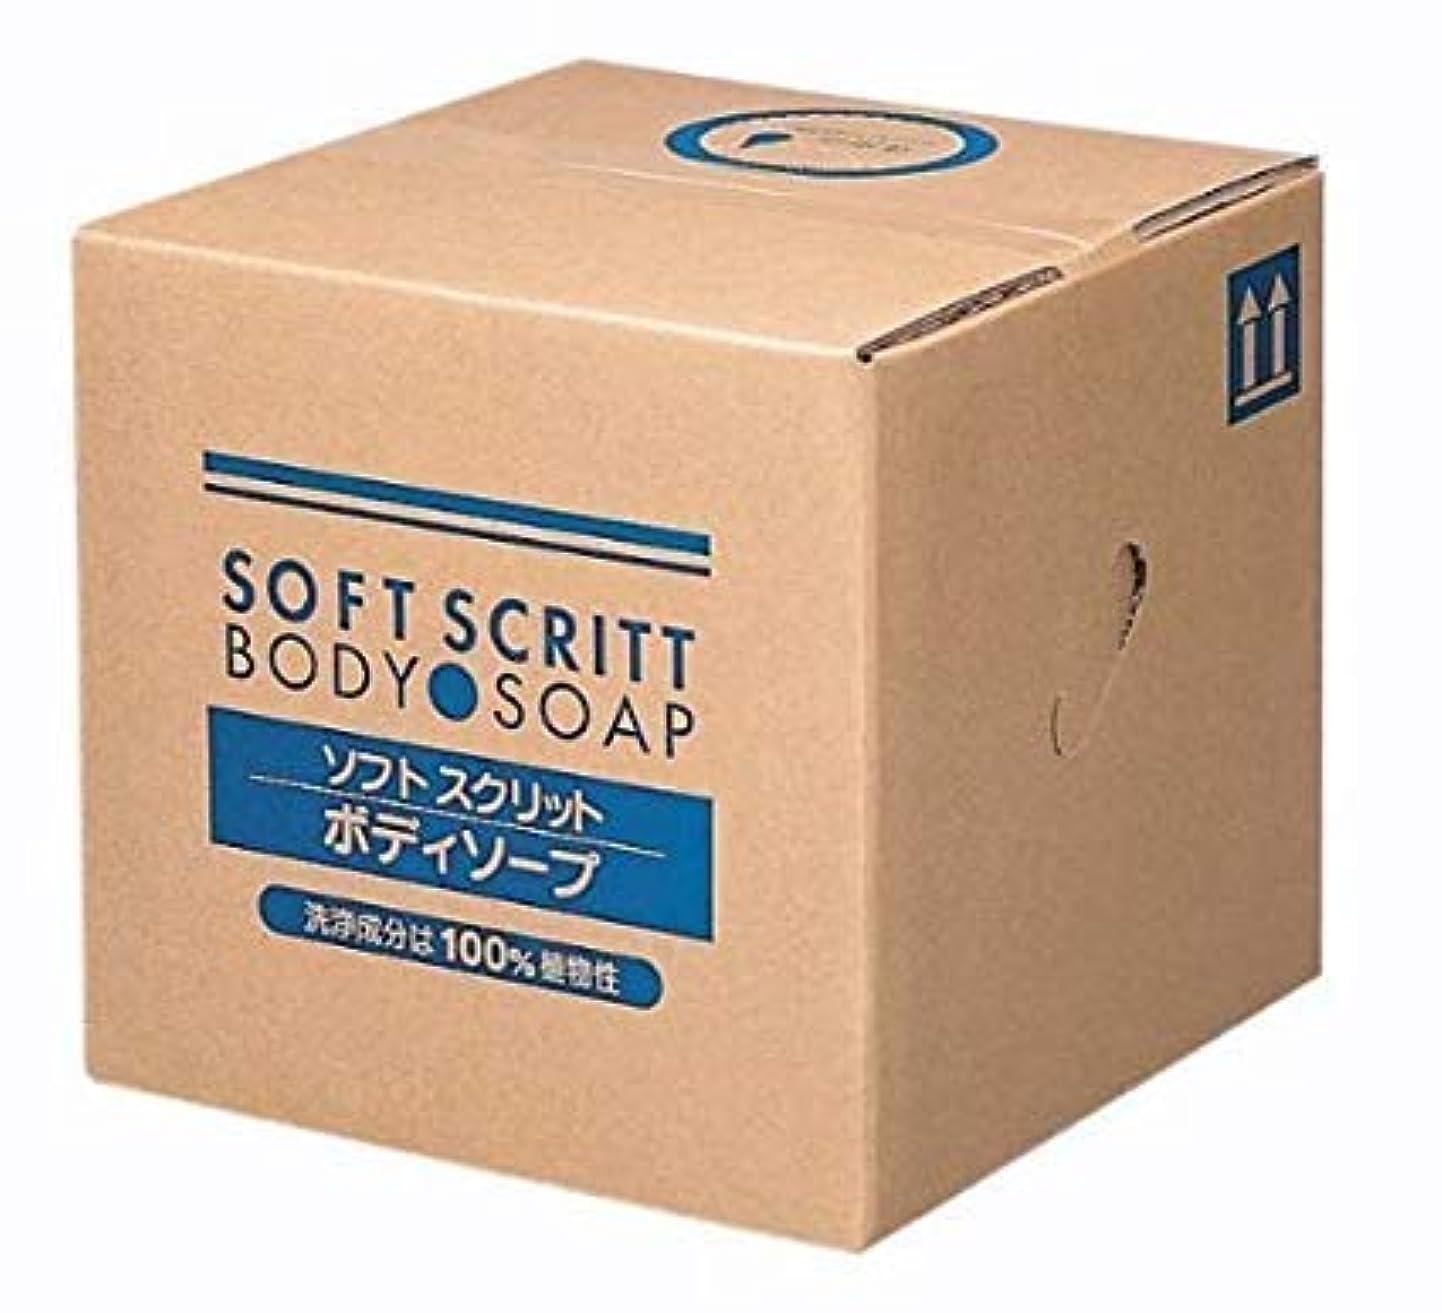 アジア人容疑者ファンタジー業務用 SOFT SCRITT(ソフト スクリット) ボディソープ 18L 熊野油脂 (コック付き)